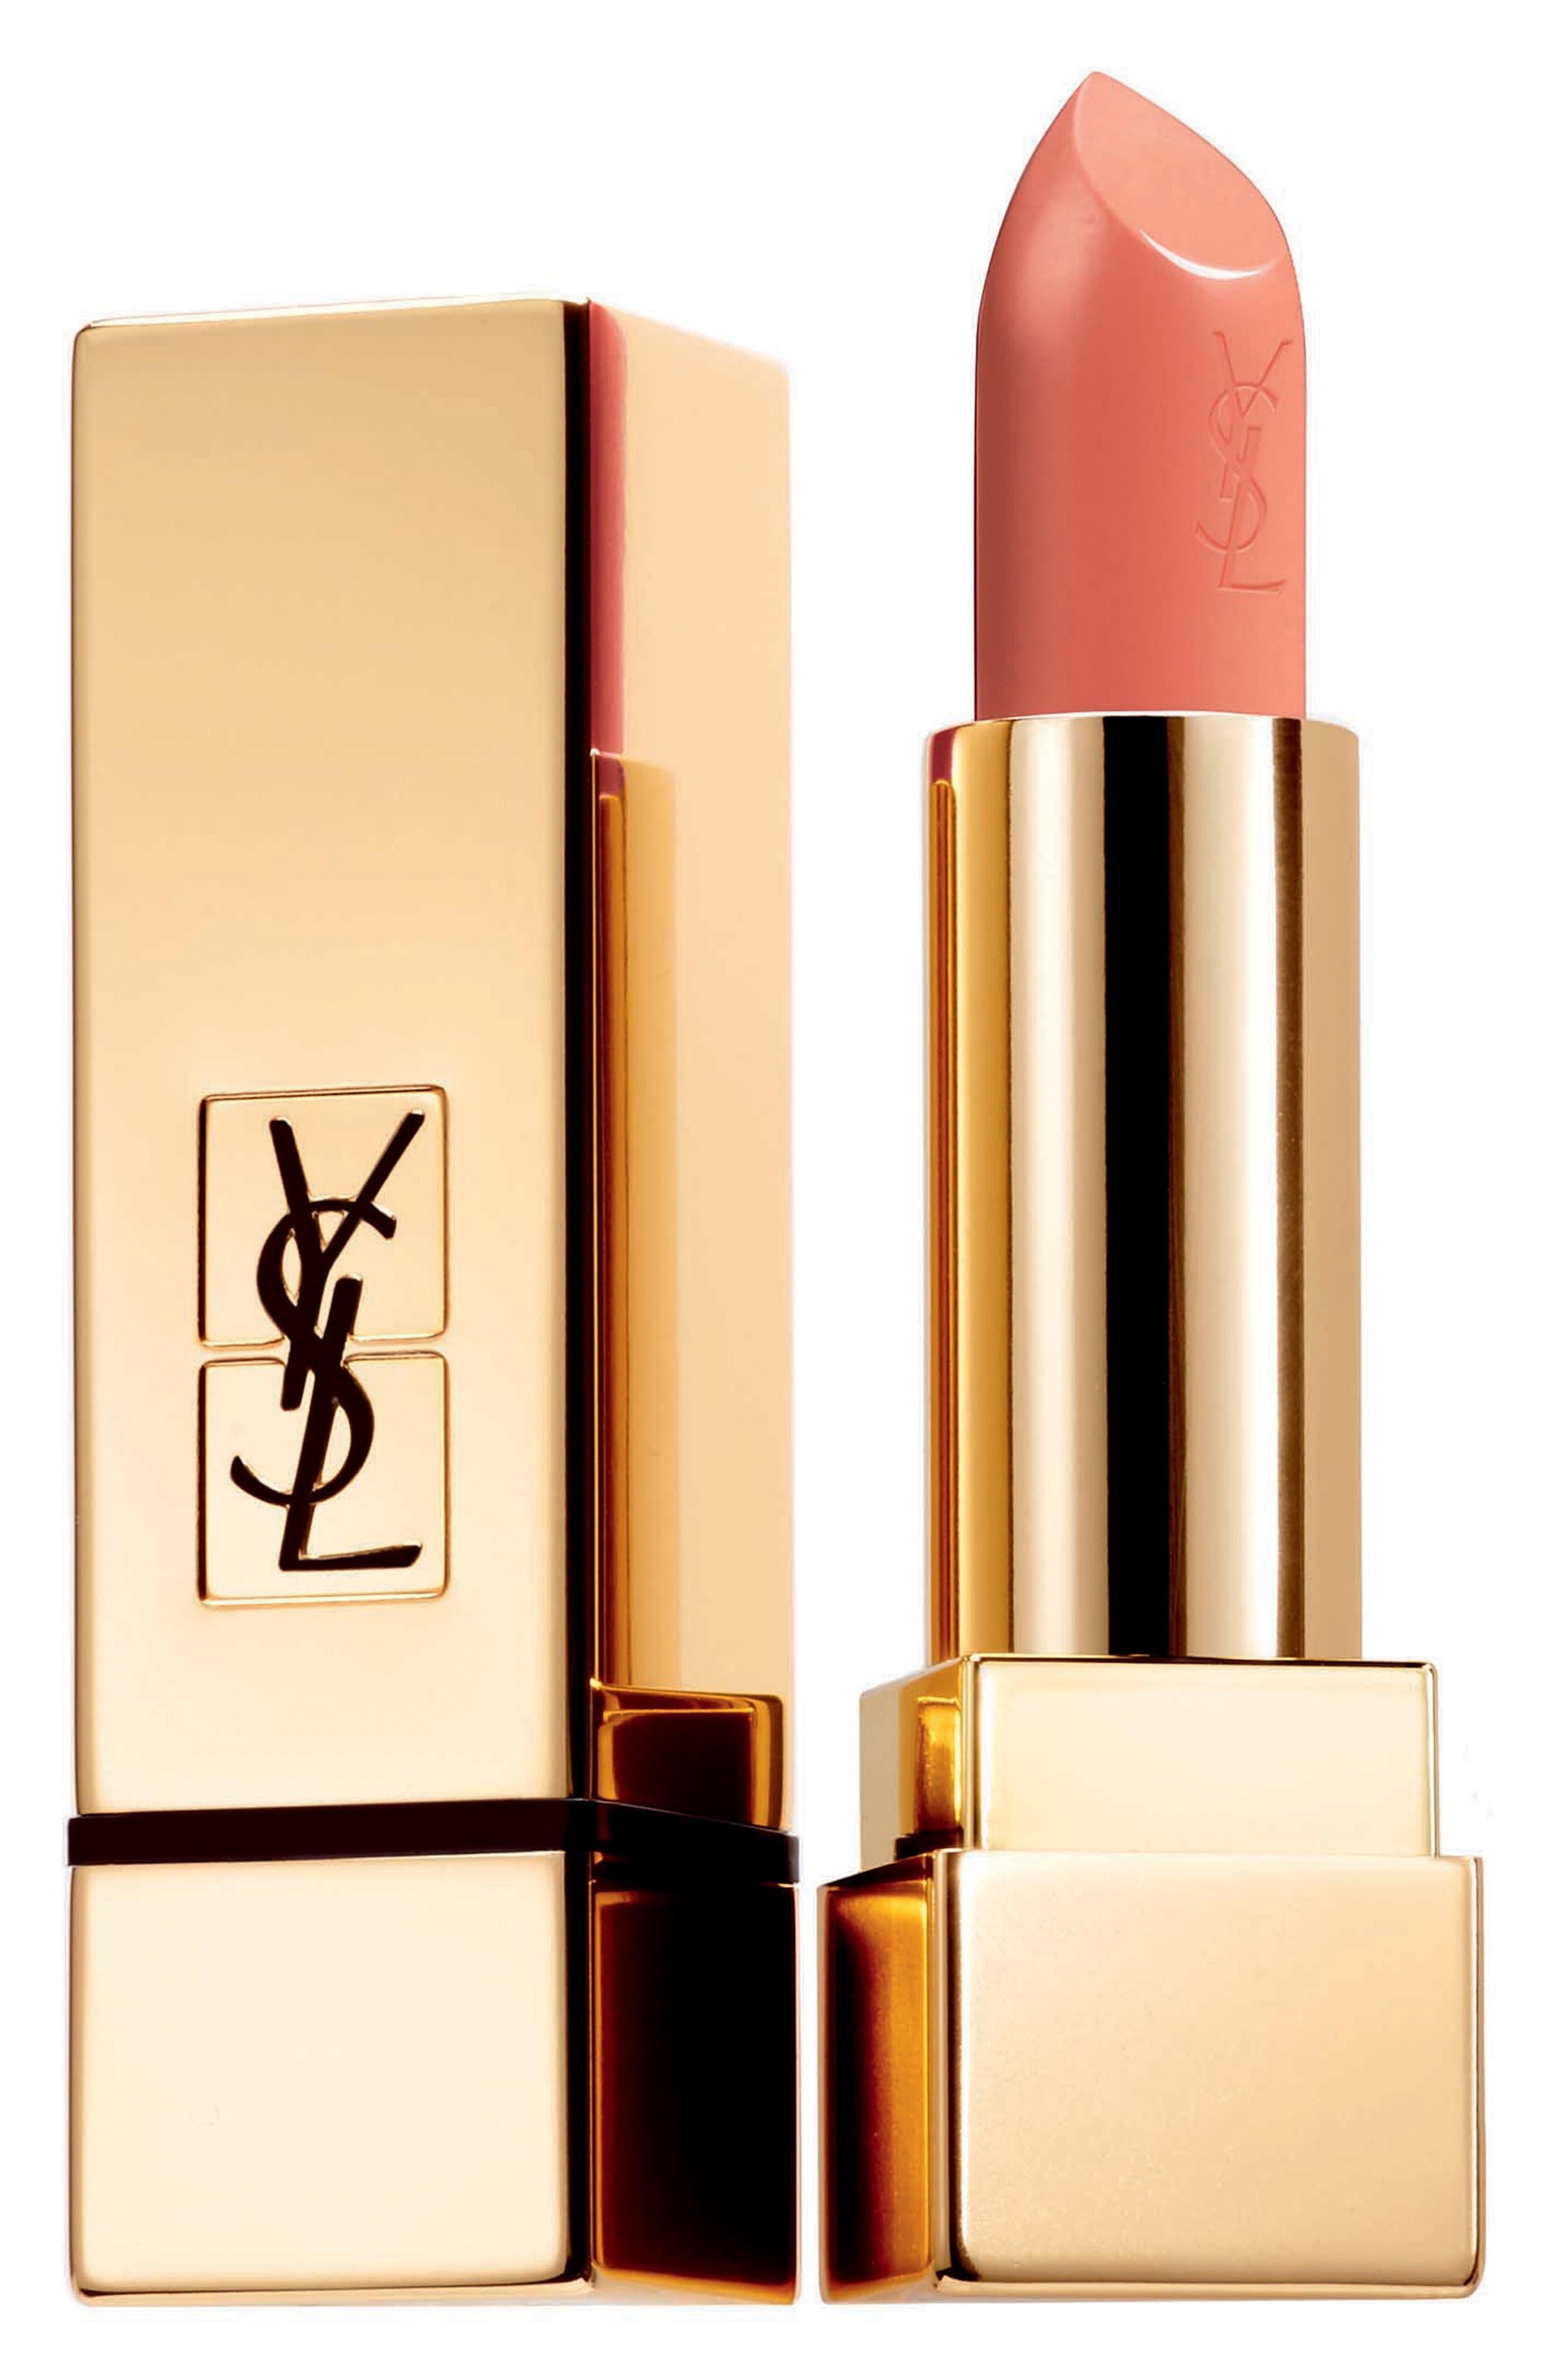 Yves Saint Laurent Rouge Pur Couture Satin Lipstick - 23 Corail Poetique